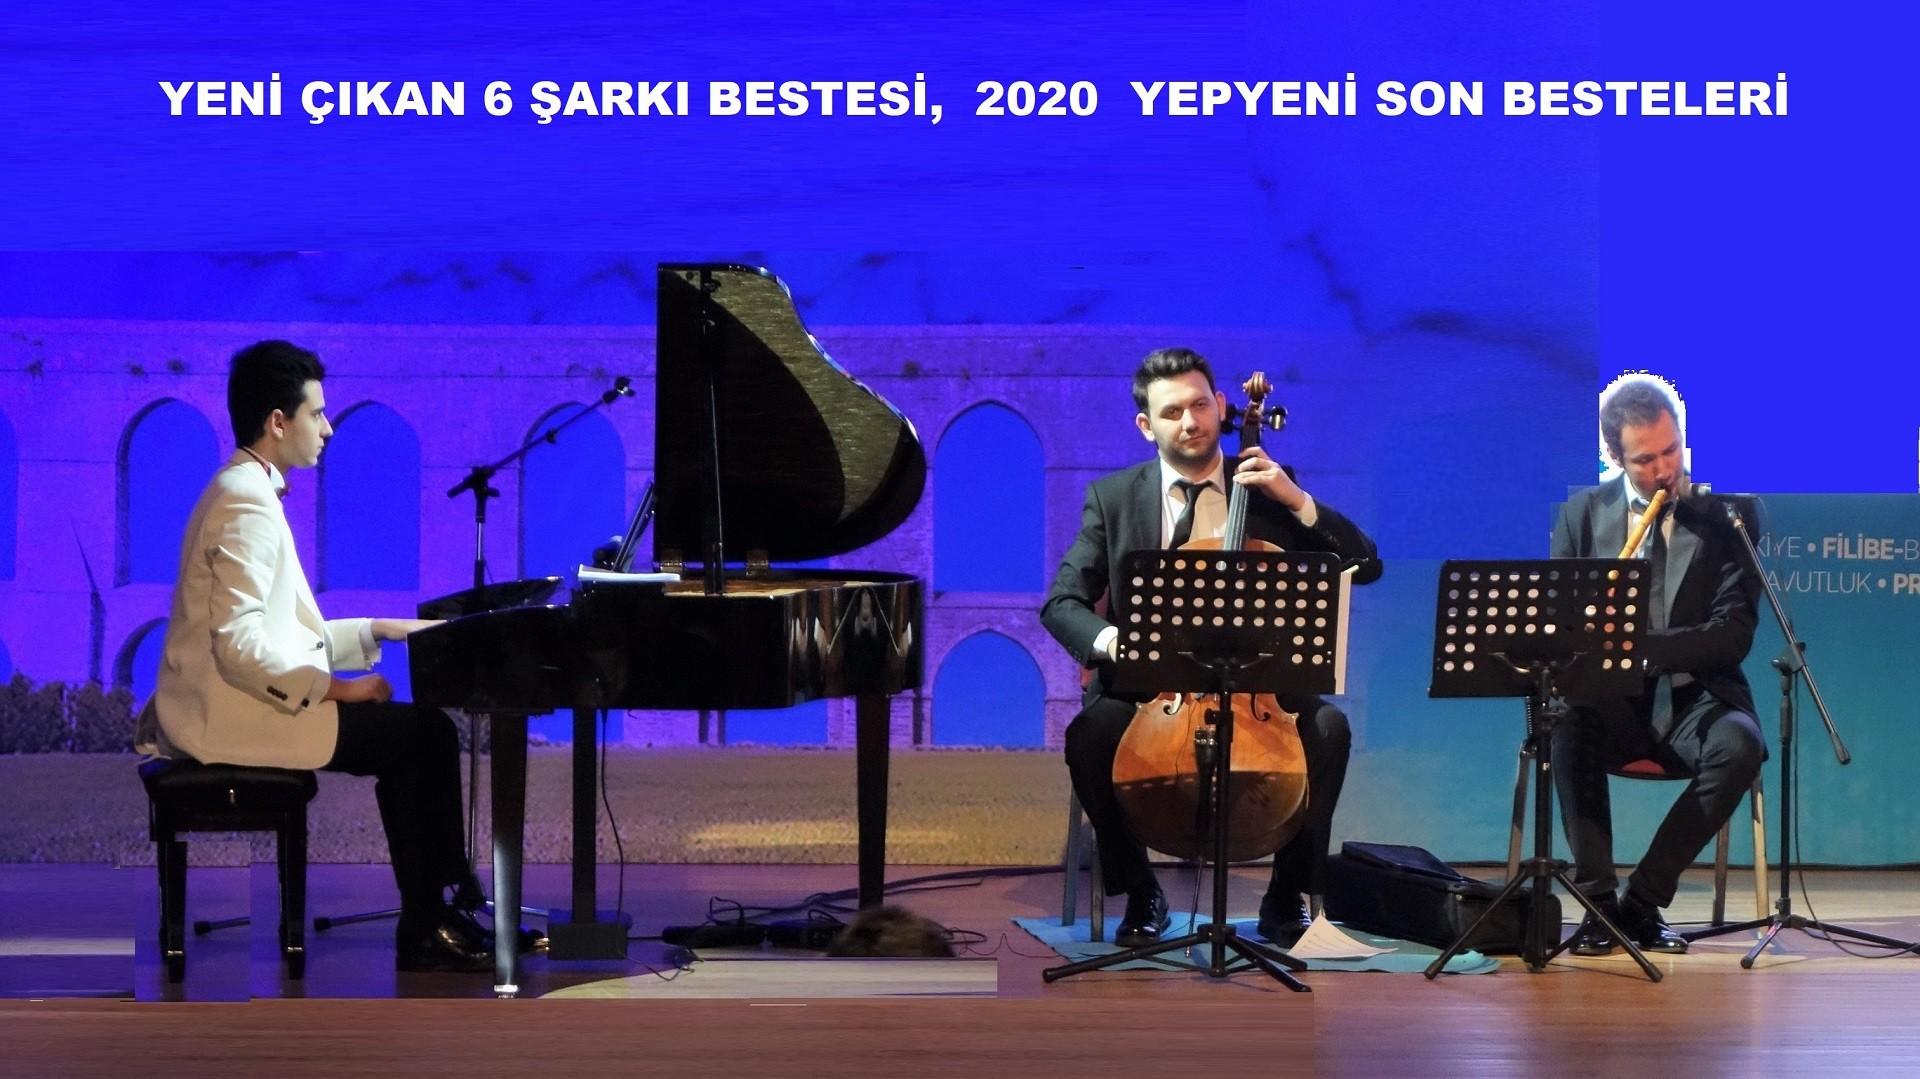 2020 YENİ ÇIKAN 6 ŞARKI BESTESİ YEPYENİ SON BESTELERİ Genç Besteci Güneş Yakartepe Yeni Son Beste Piyano Konseri. 2019 PİYANO ESERİ BESTELERİ GENÇ BESTEKARLAR SON BESTE